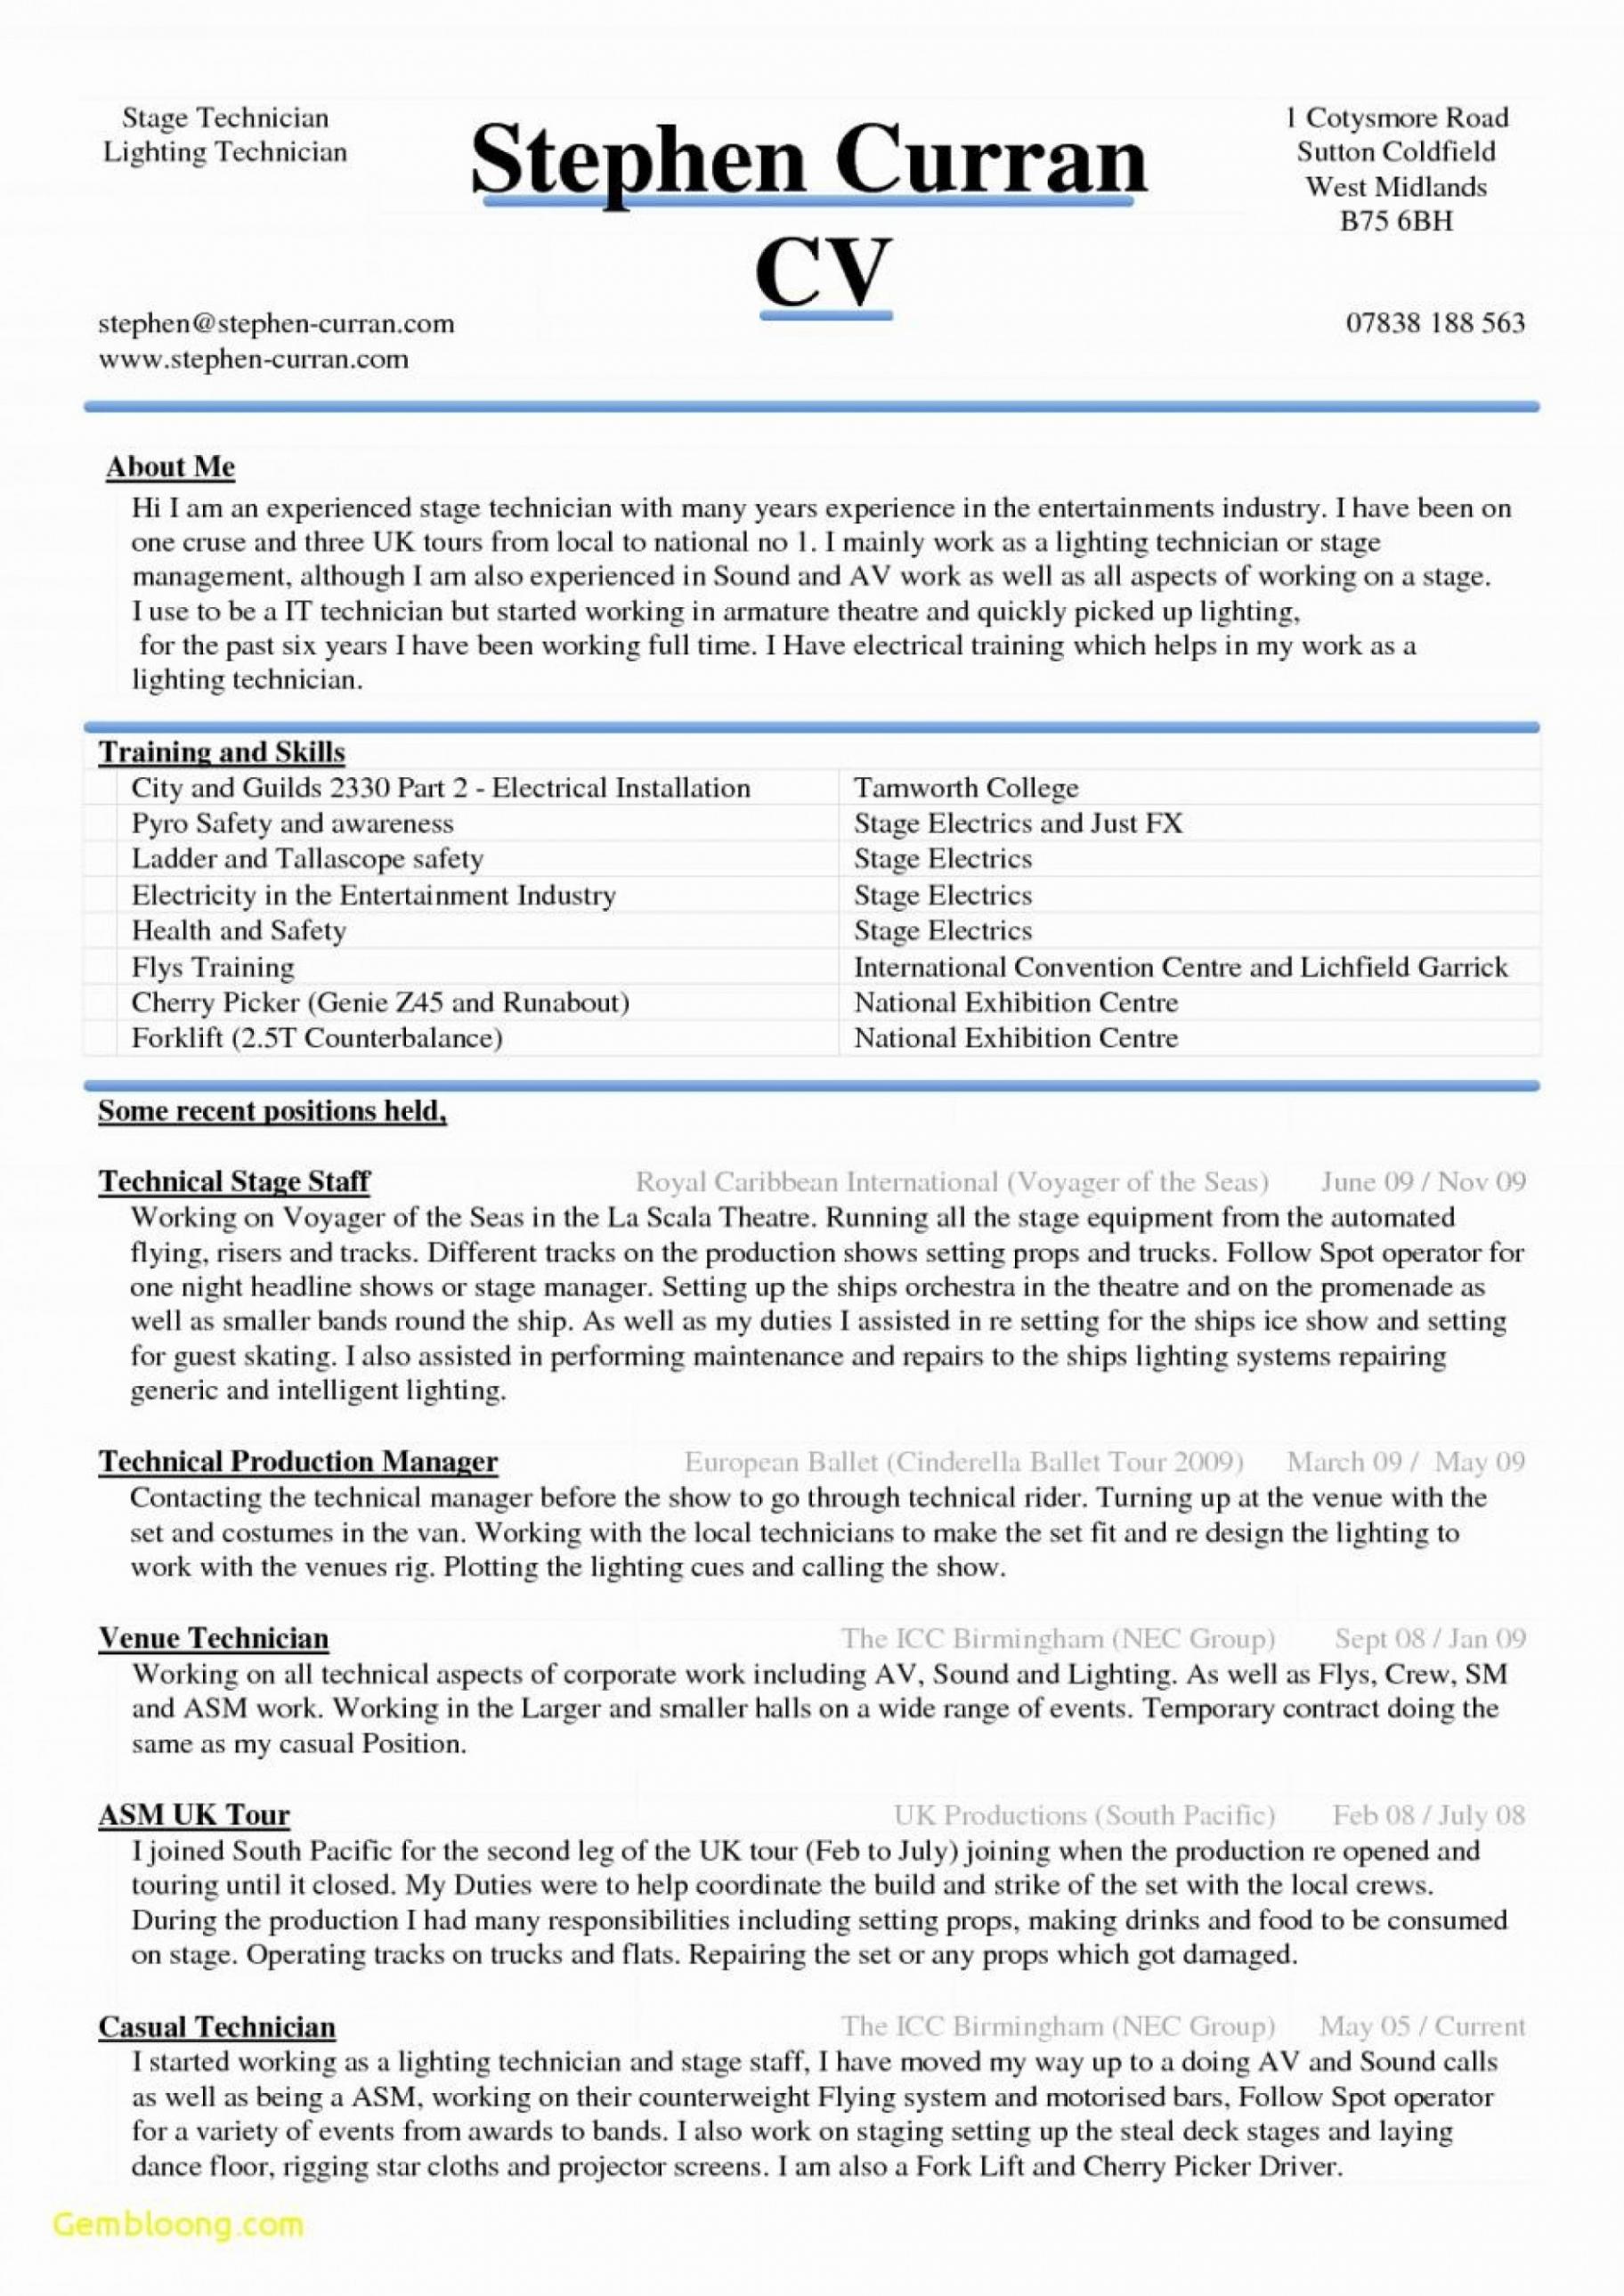 Porbe von  007 Download Resume Template Word Lebenslauf Vorlage Ebenbild Gratis Vorlage Lebenslauf Executive